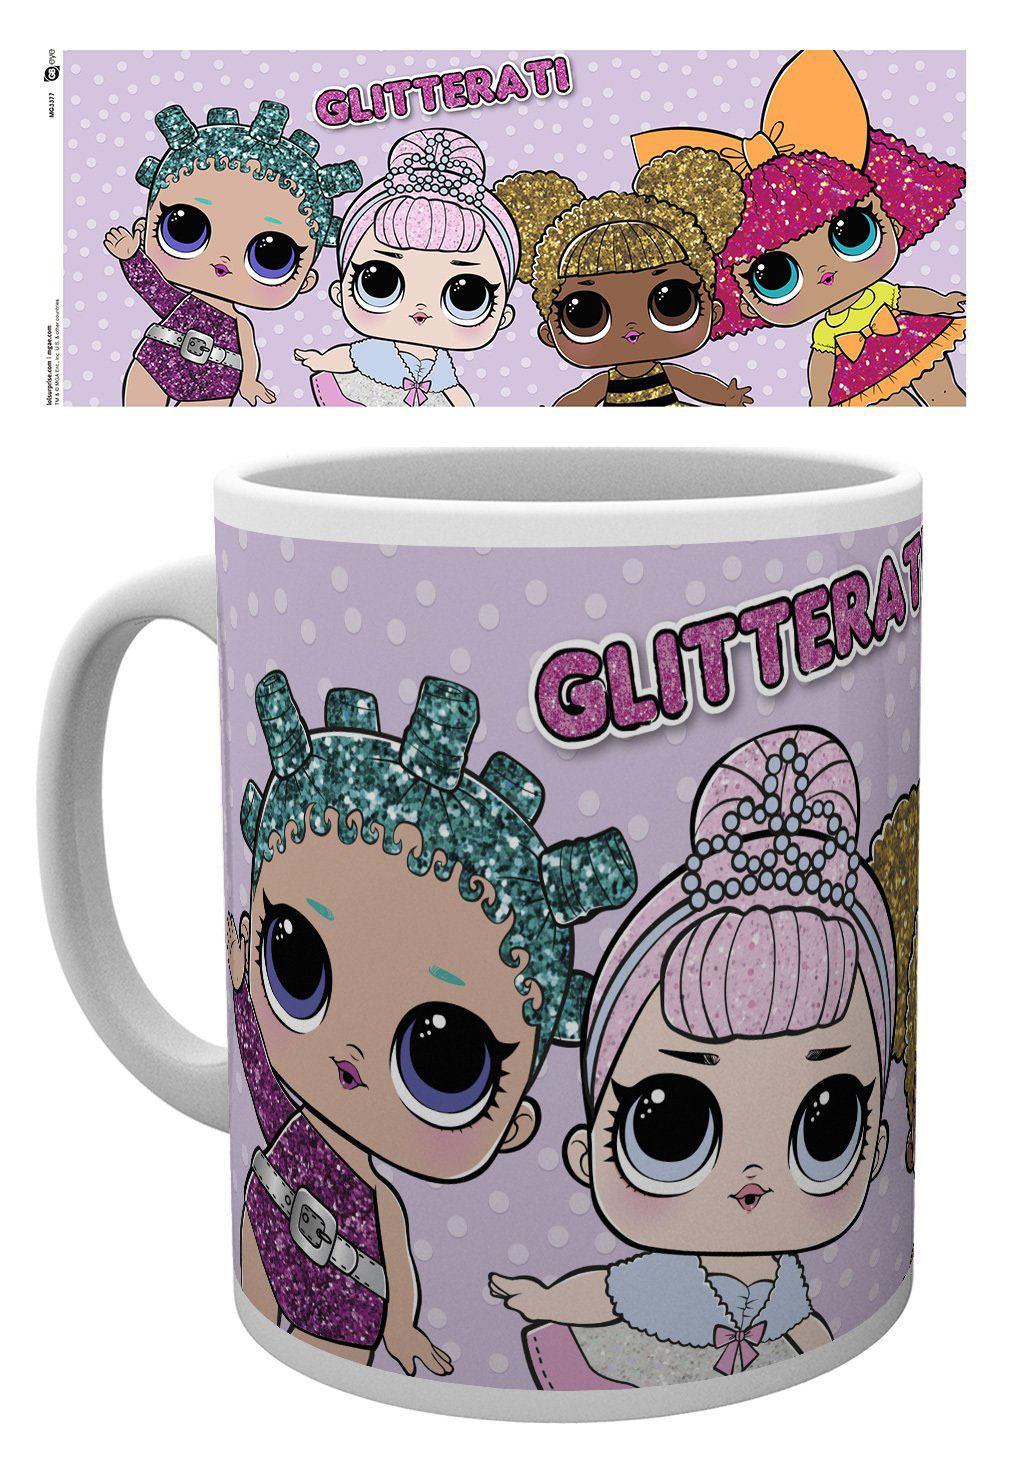 L.O.L. Surprise! Mug Glitterati